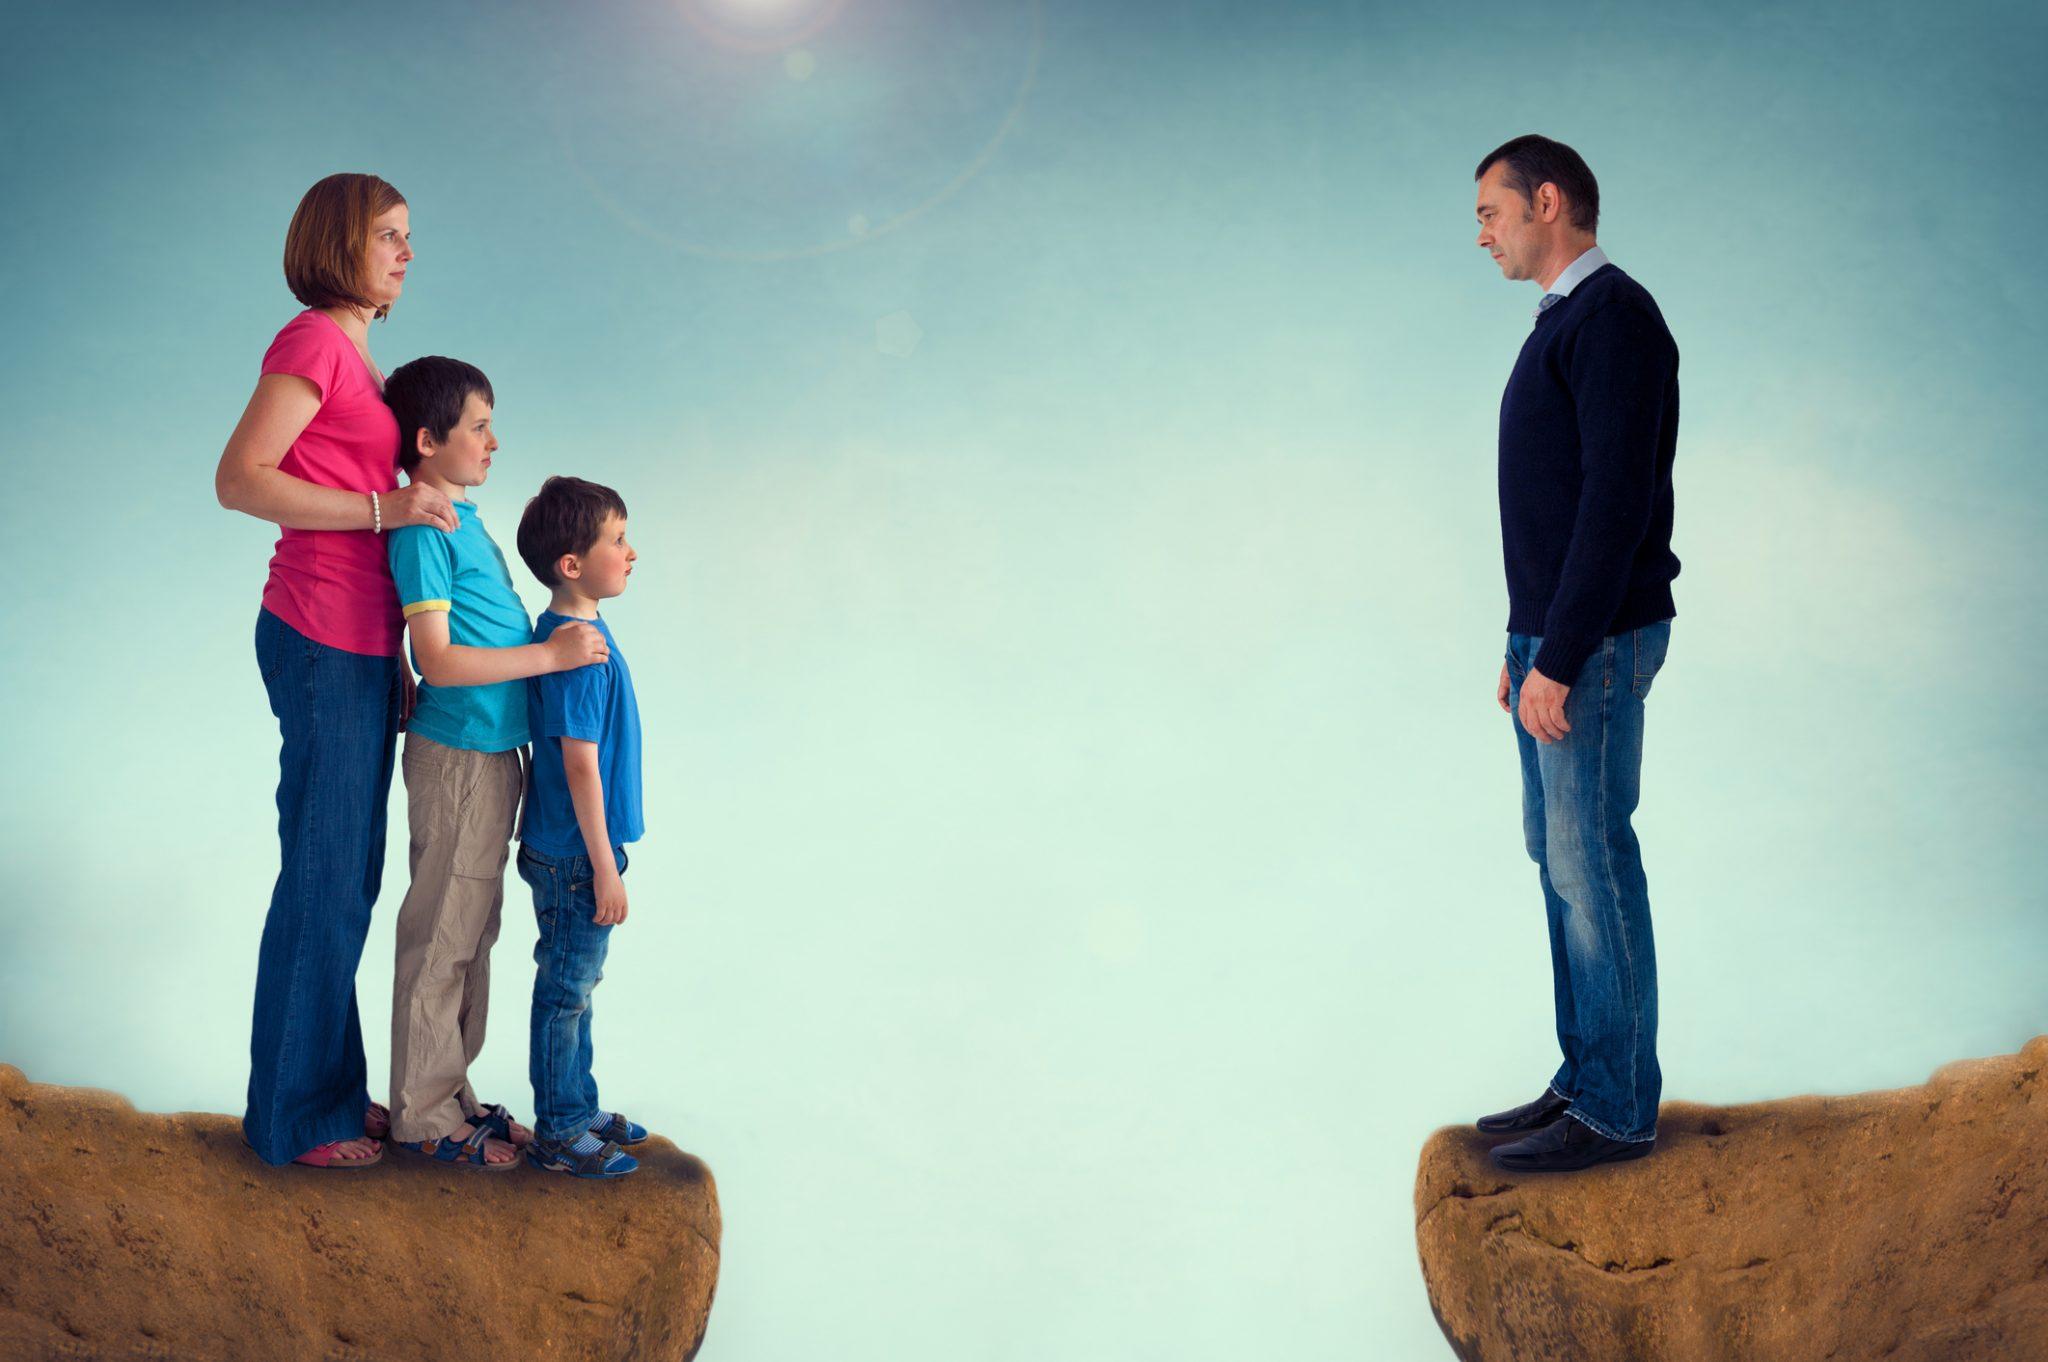 Что делать, если не дают общаться с ребенком после развода?